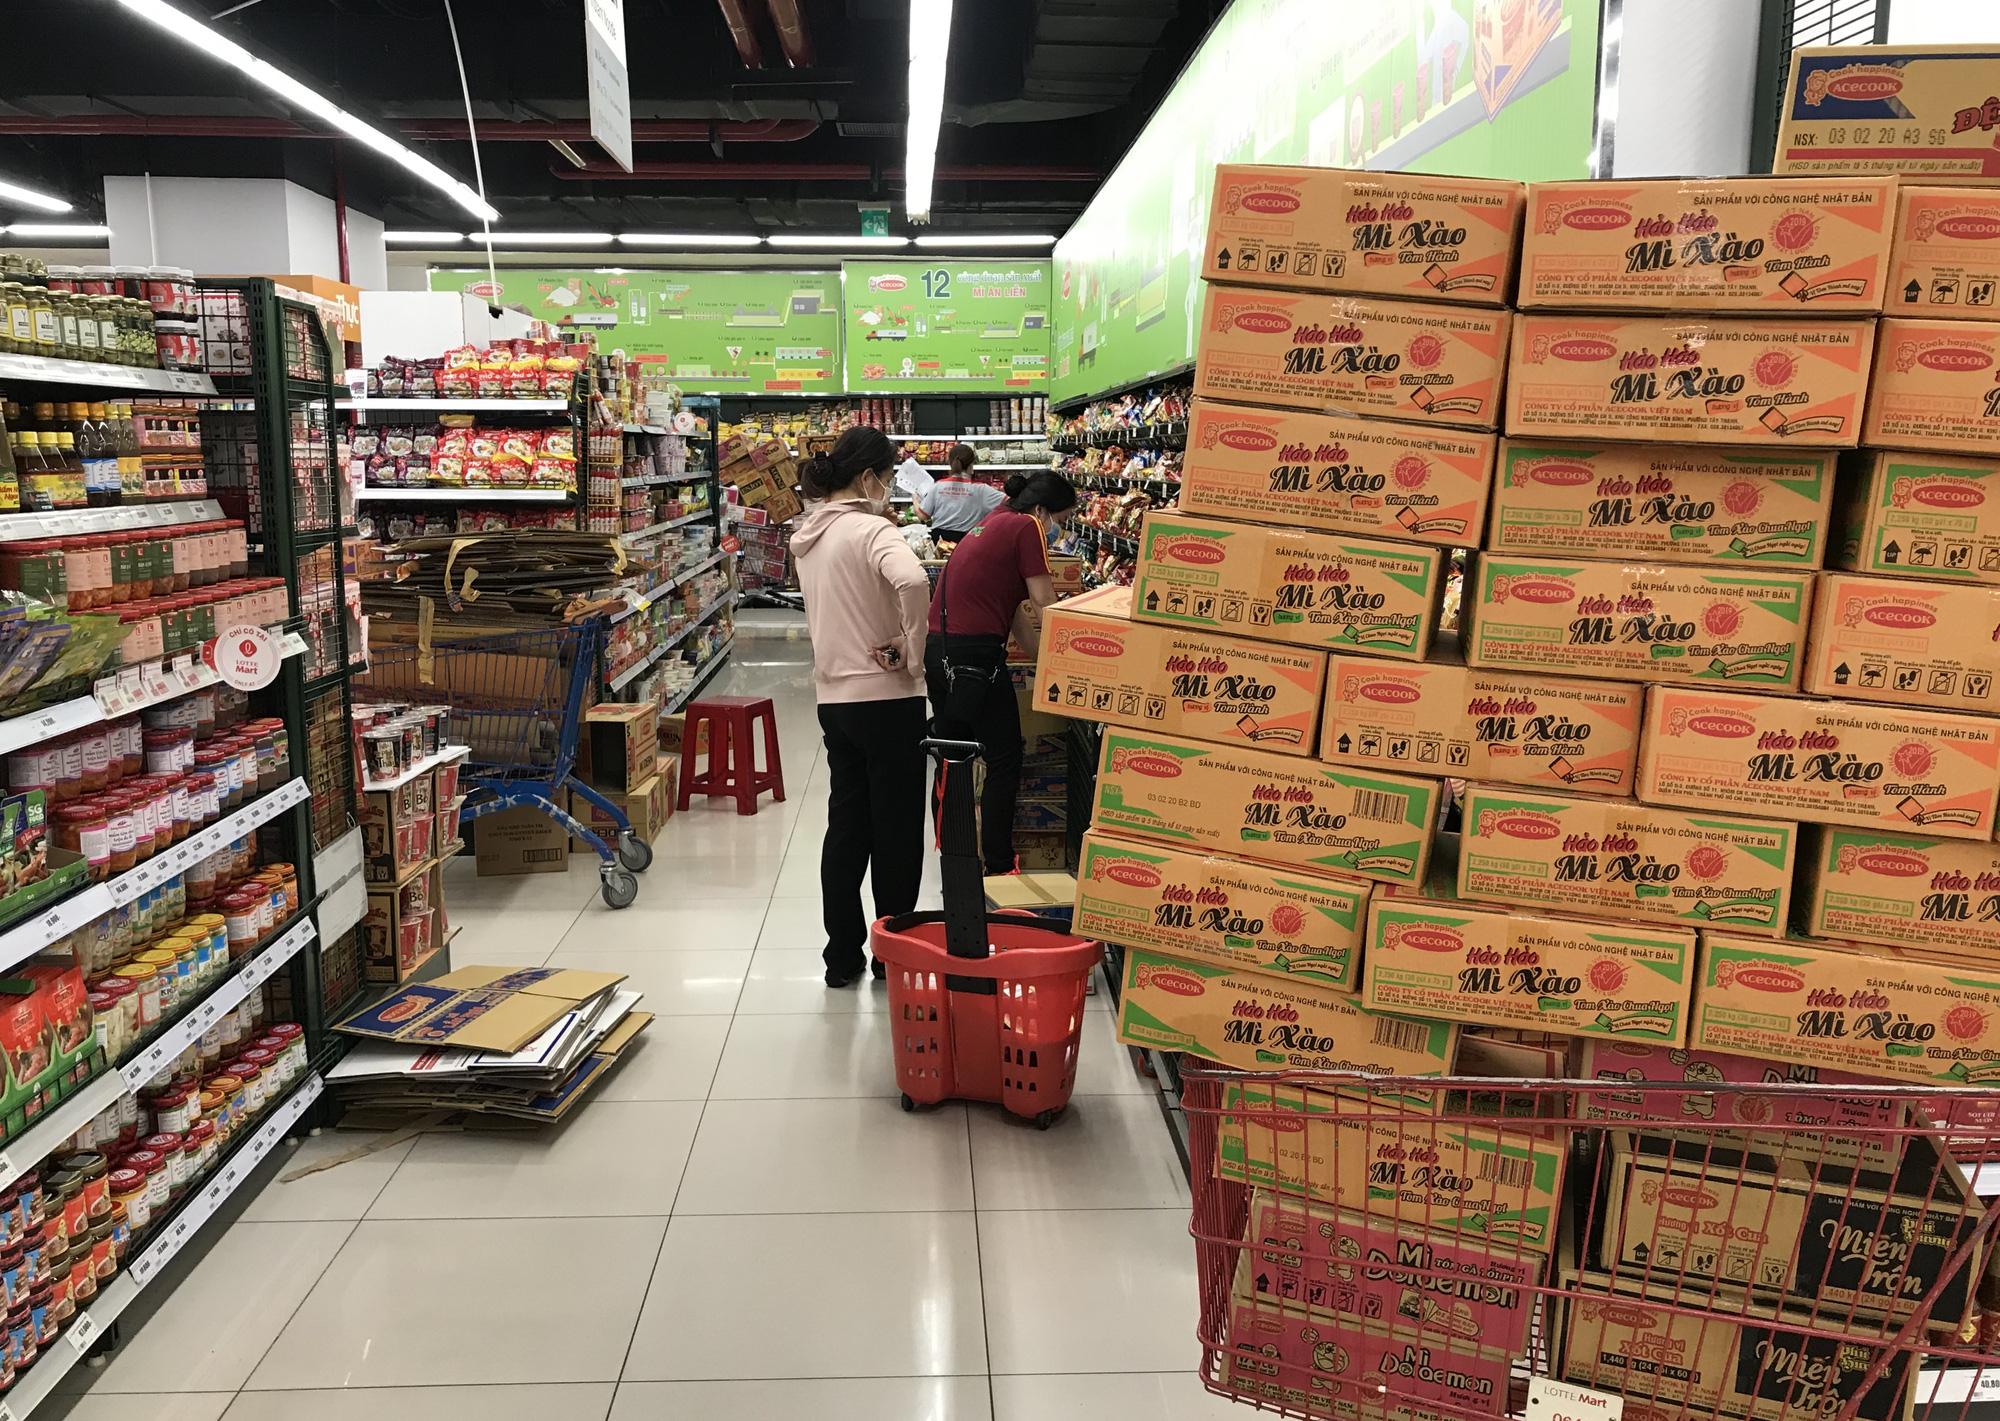 Người Sài Gòn không gom hàng tích trữ, thực phẩm, gạo, mì tôm… đầy ắp, siêu thị còn giảm giá mạnh - Ảnh 14.